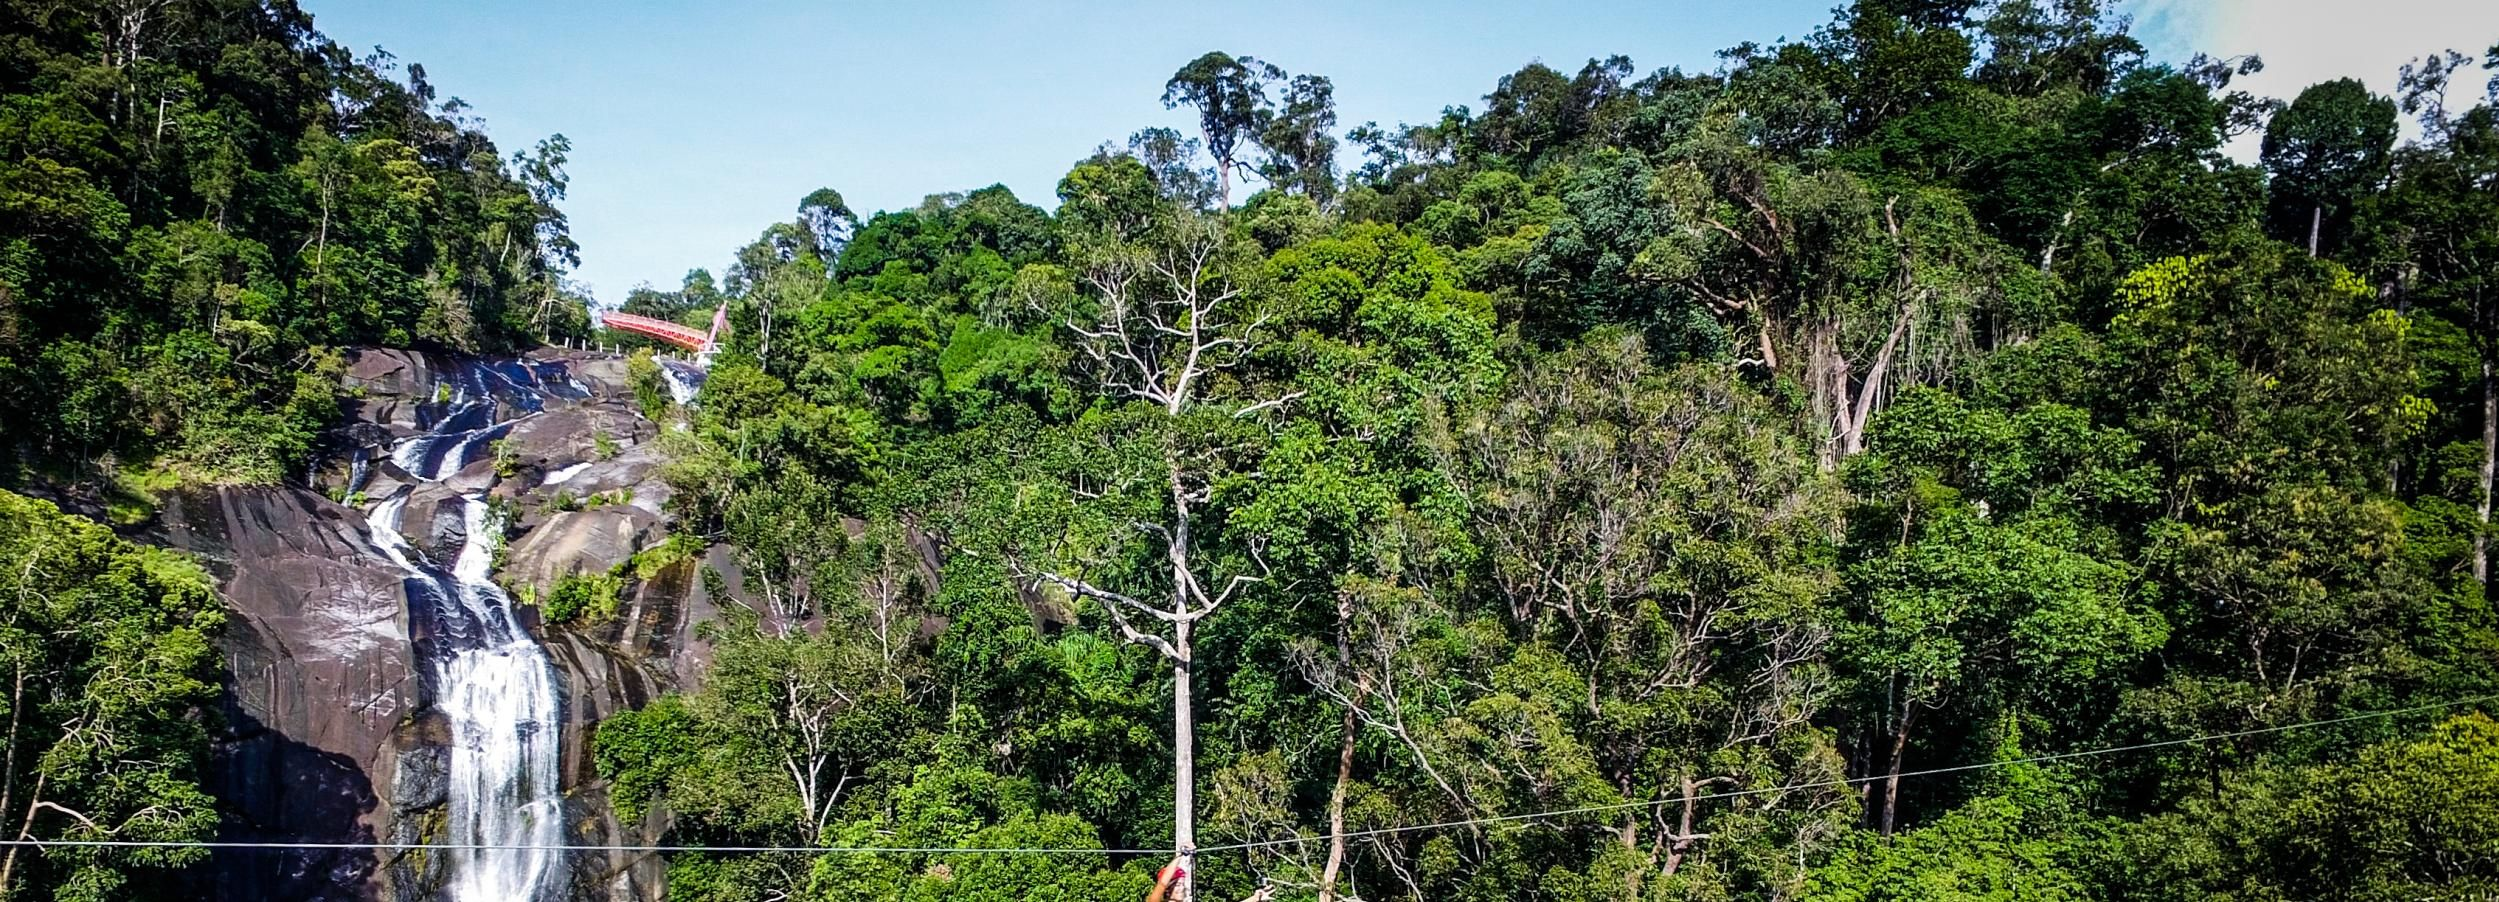 Langkawi: Geopark Eco Zipline Adventure